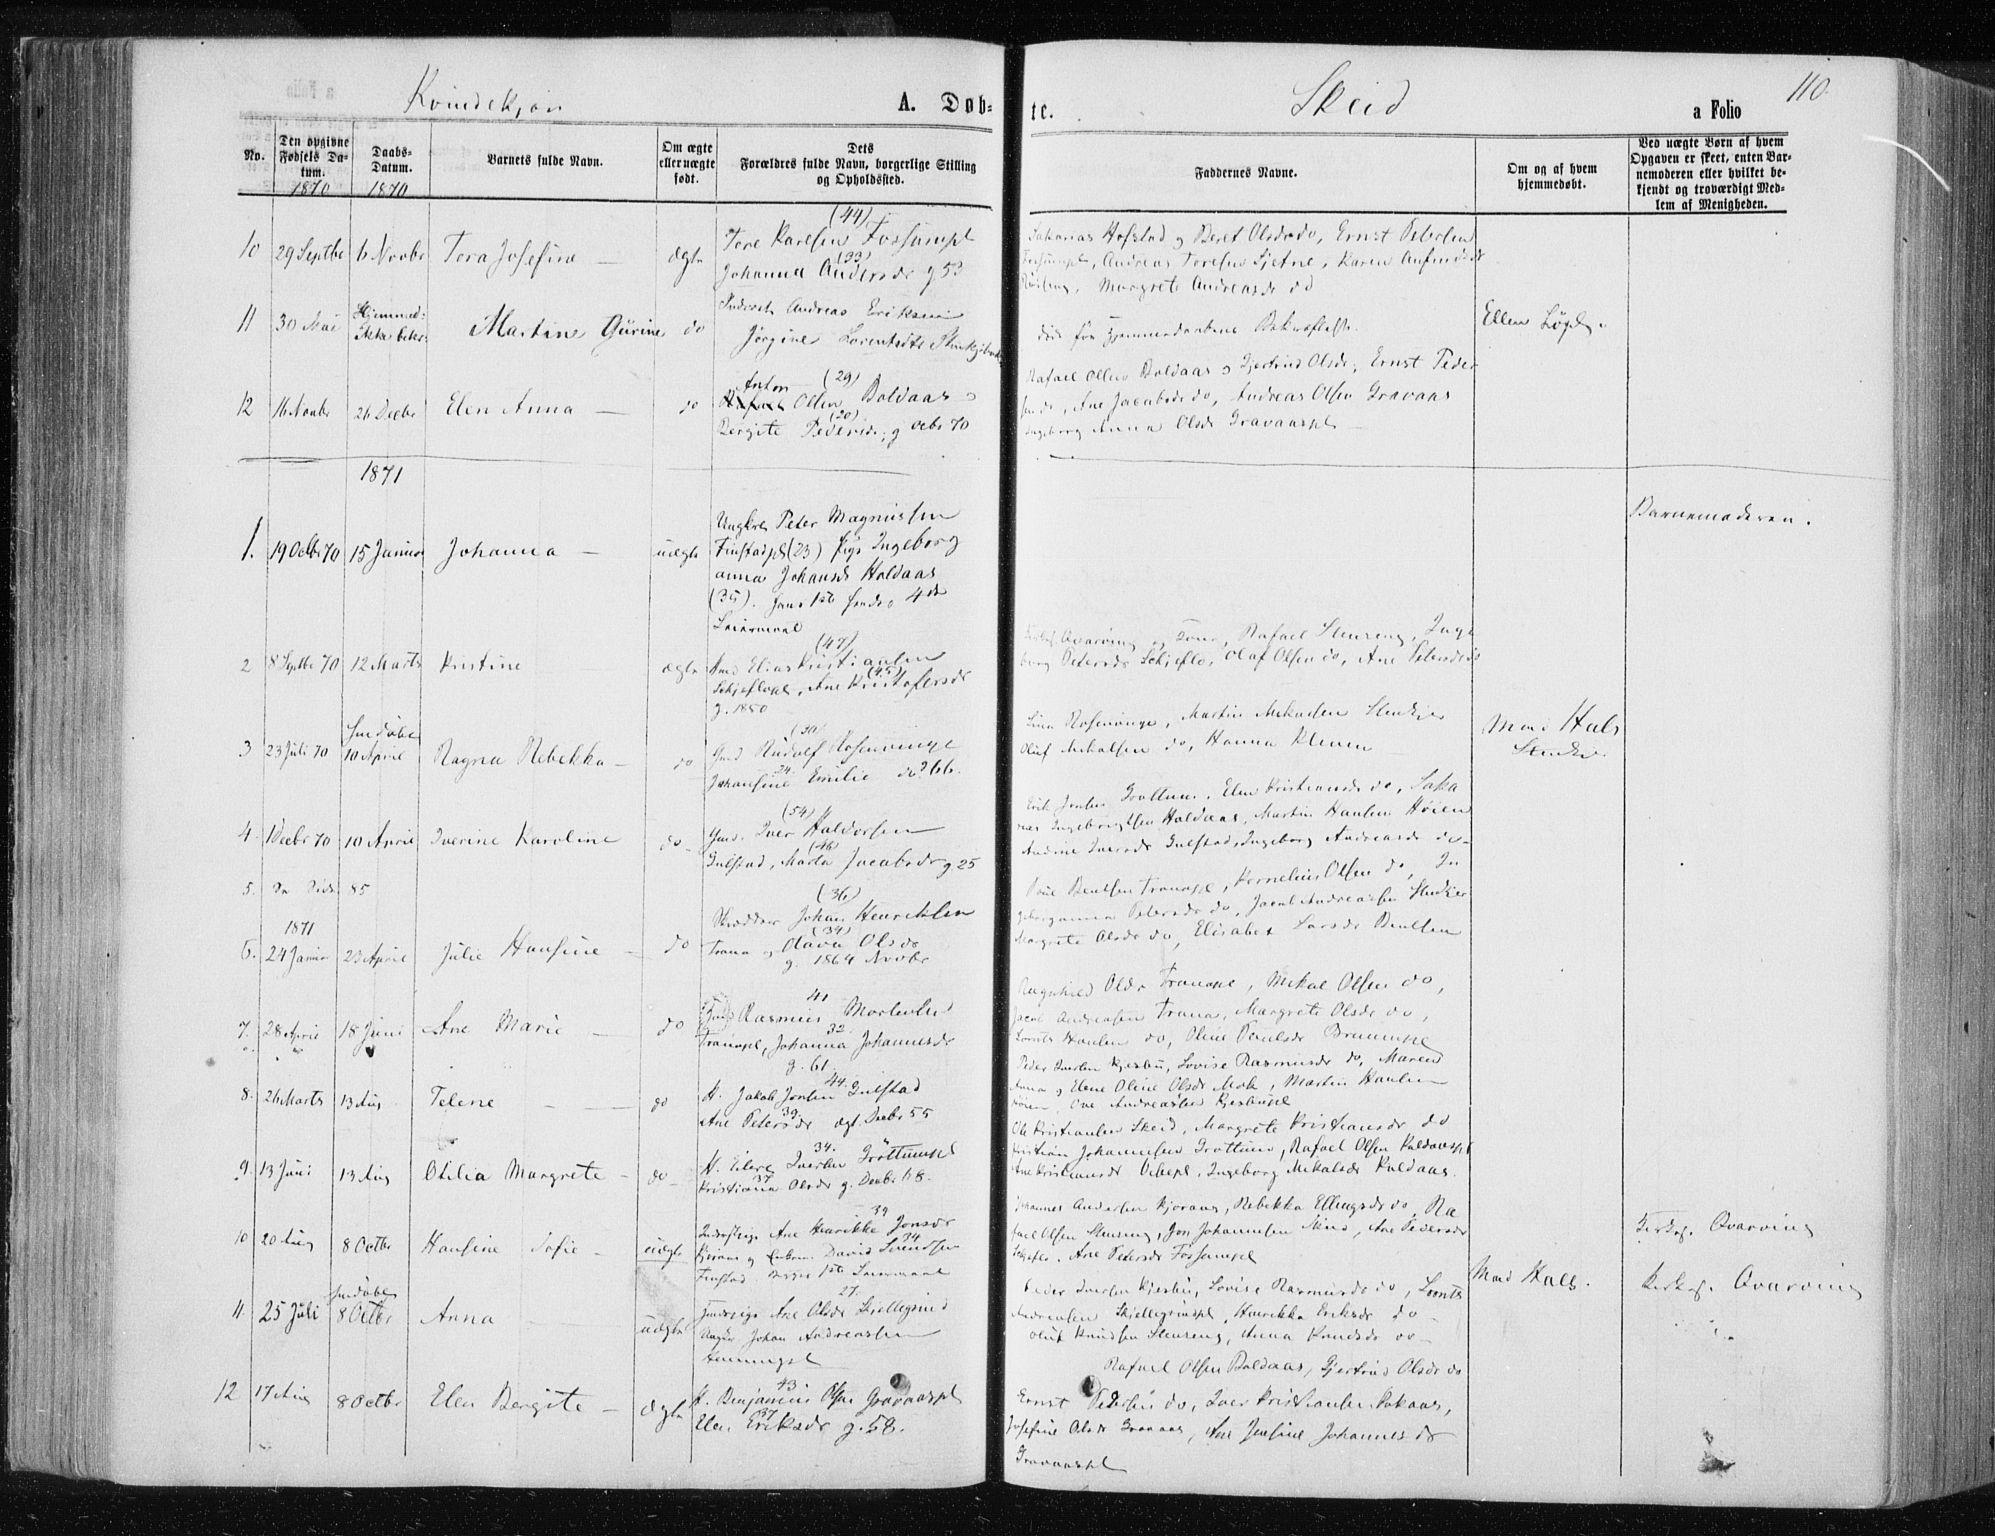 SAT, Ministerialprotokoller, klokkerbøker og fødselsregistre - Nord-Trøndelag, 735/L0345: Ministerialbok nr. 735A08 /2, 1863-1872, s. 110